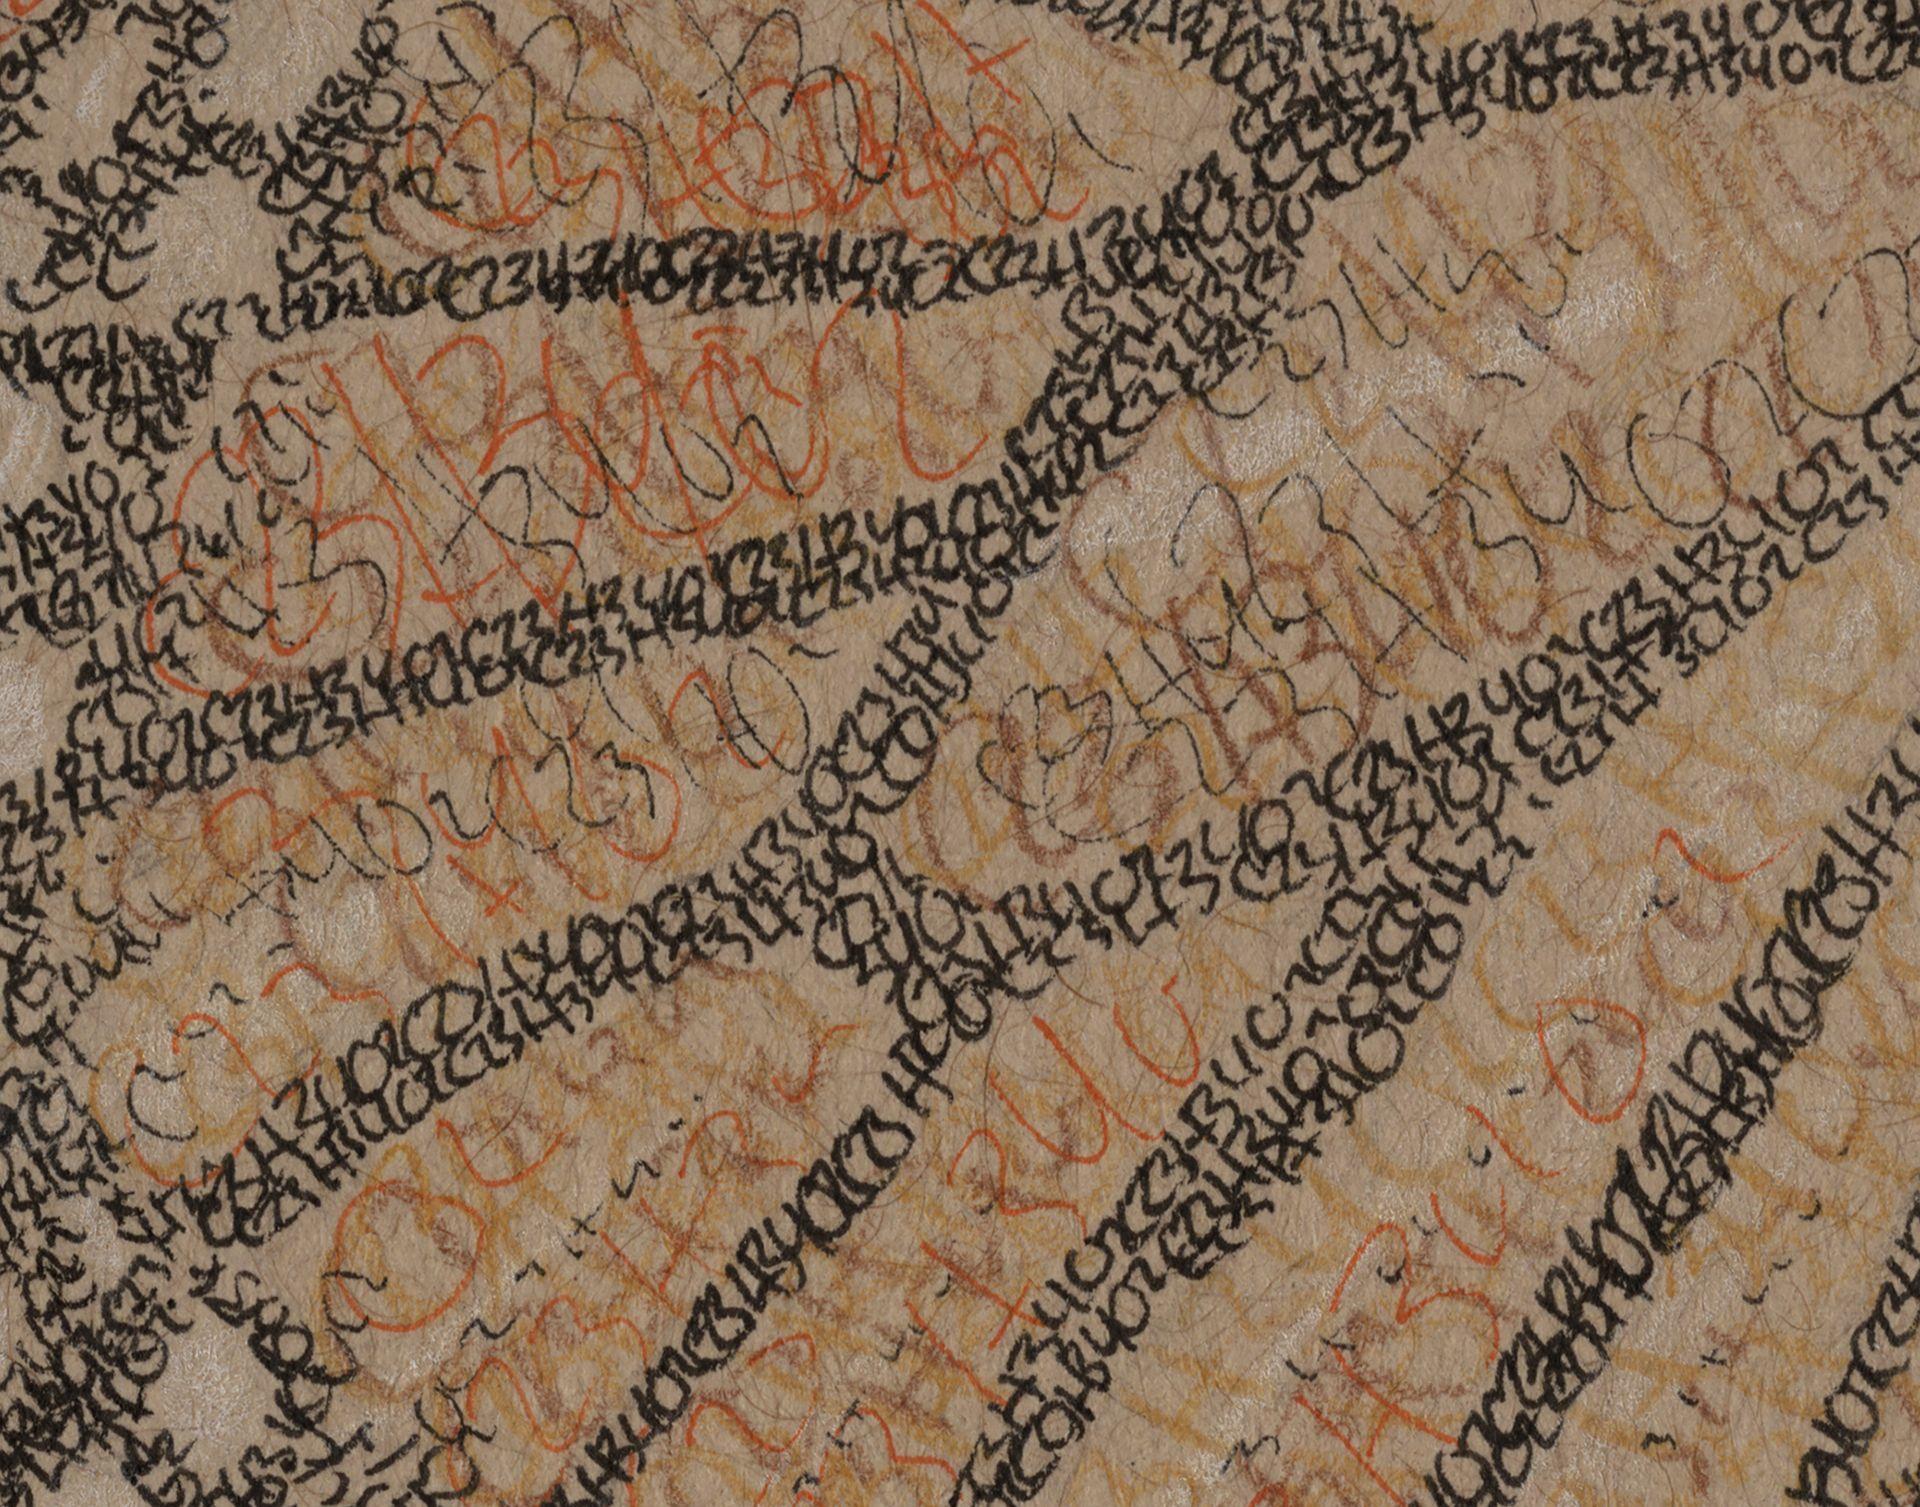 Detail O fSybilla